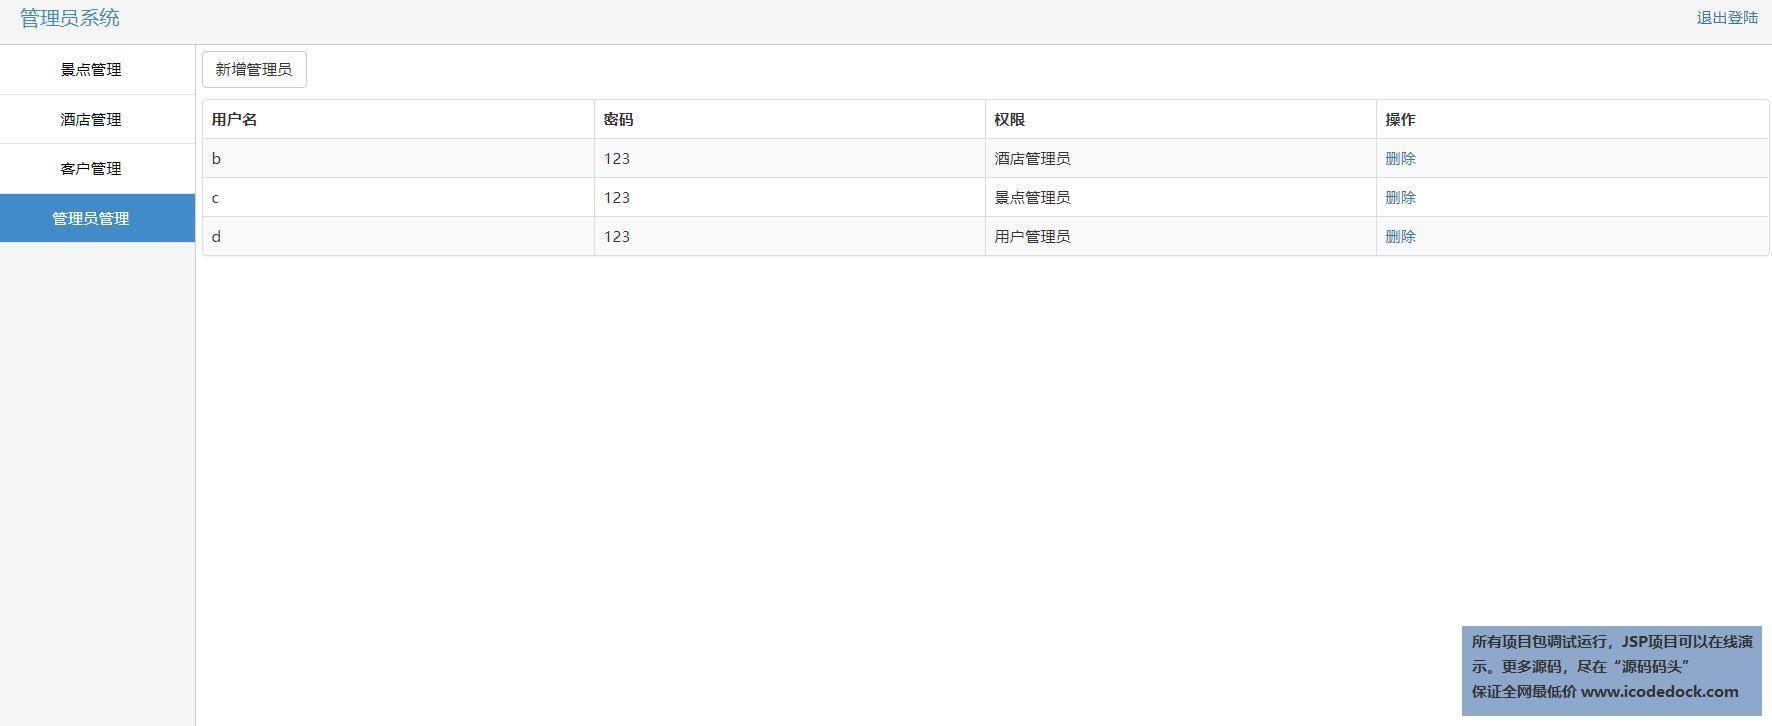 源码码头-SSH自驾游管理系统-管理员角色-管理员管理